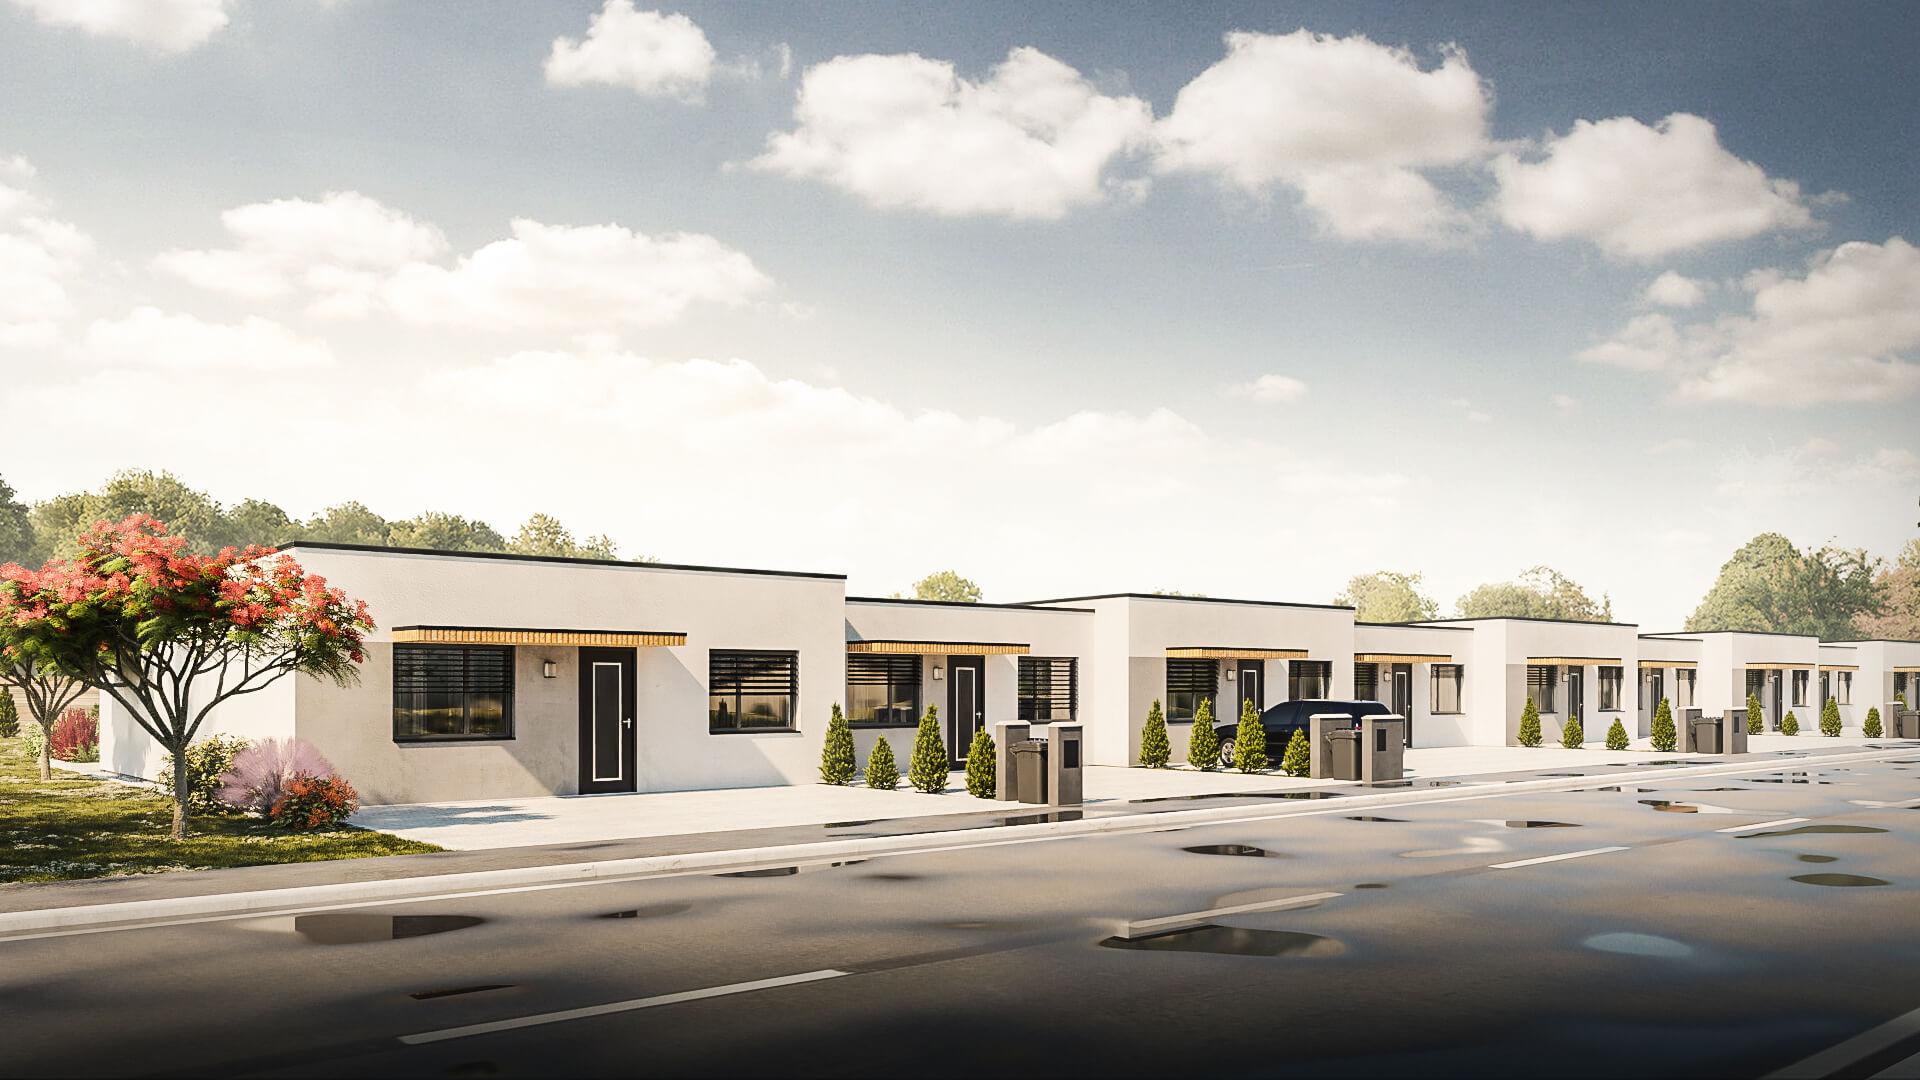 Predané: Novostavba bungalov radovka, 4 izbový, pozemok 300m2, užitkova 75m2-1